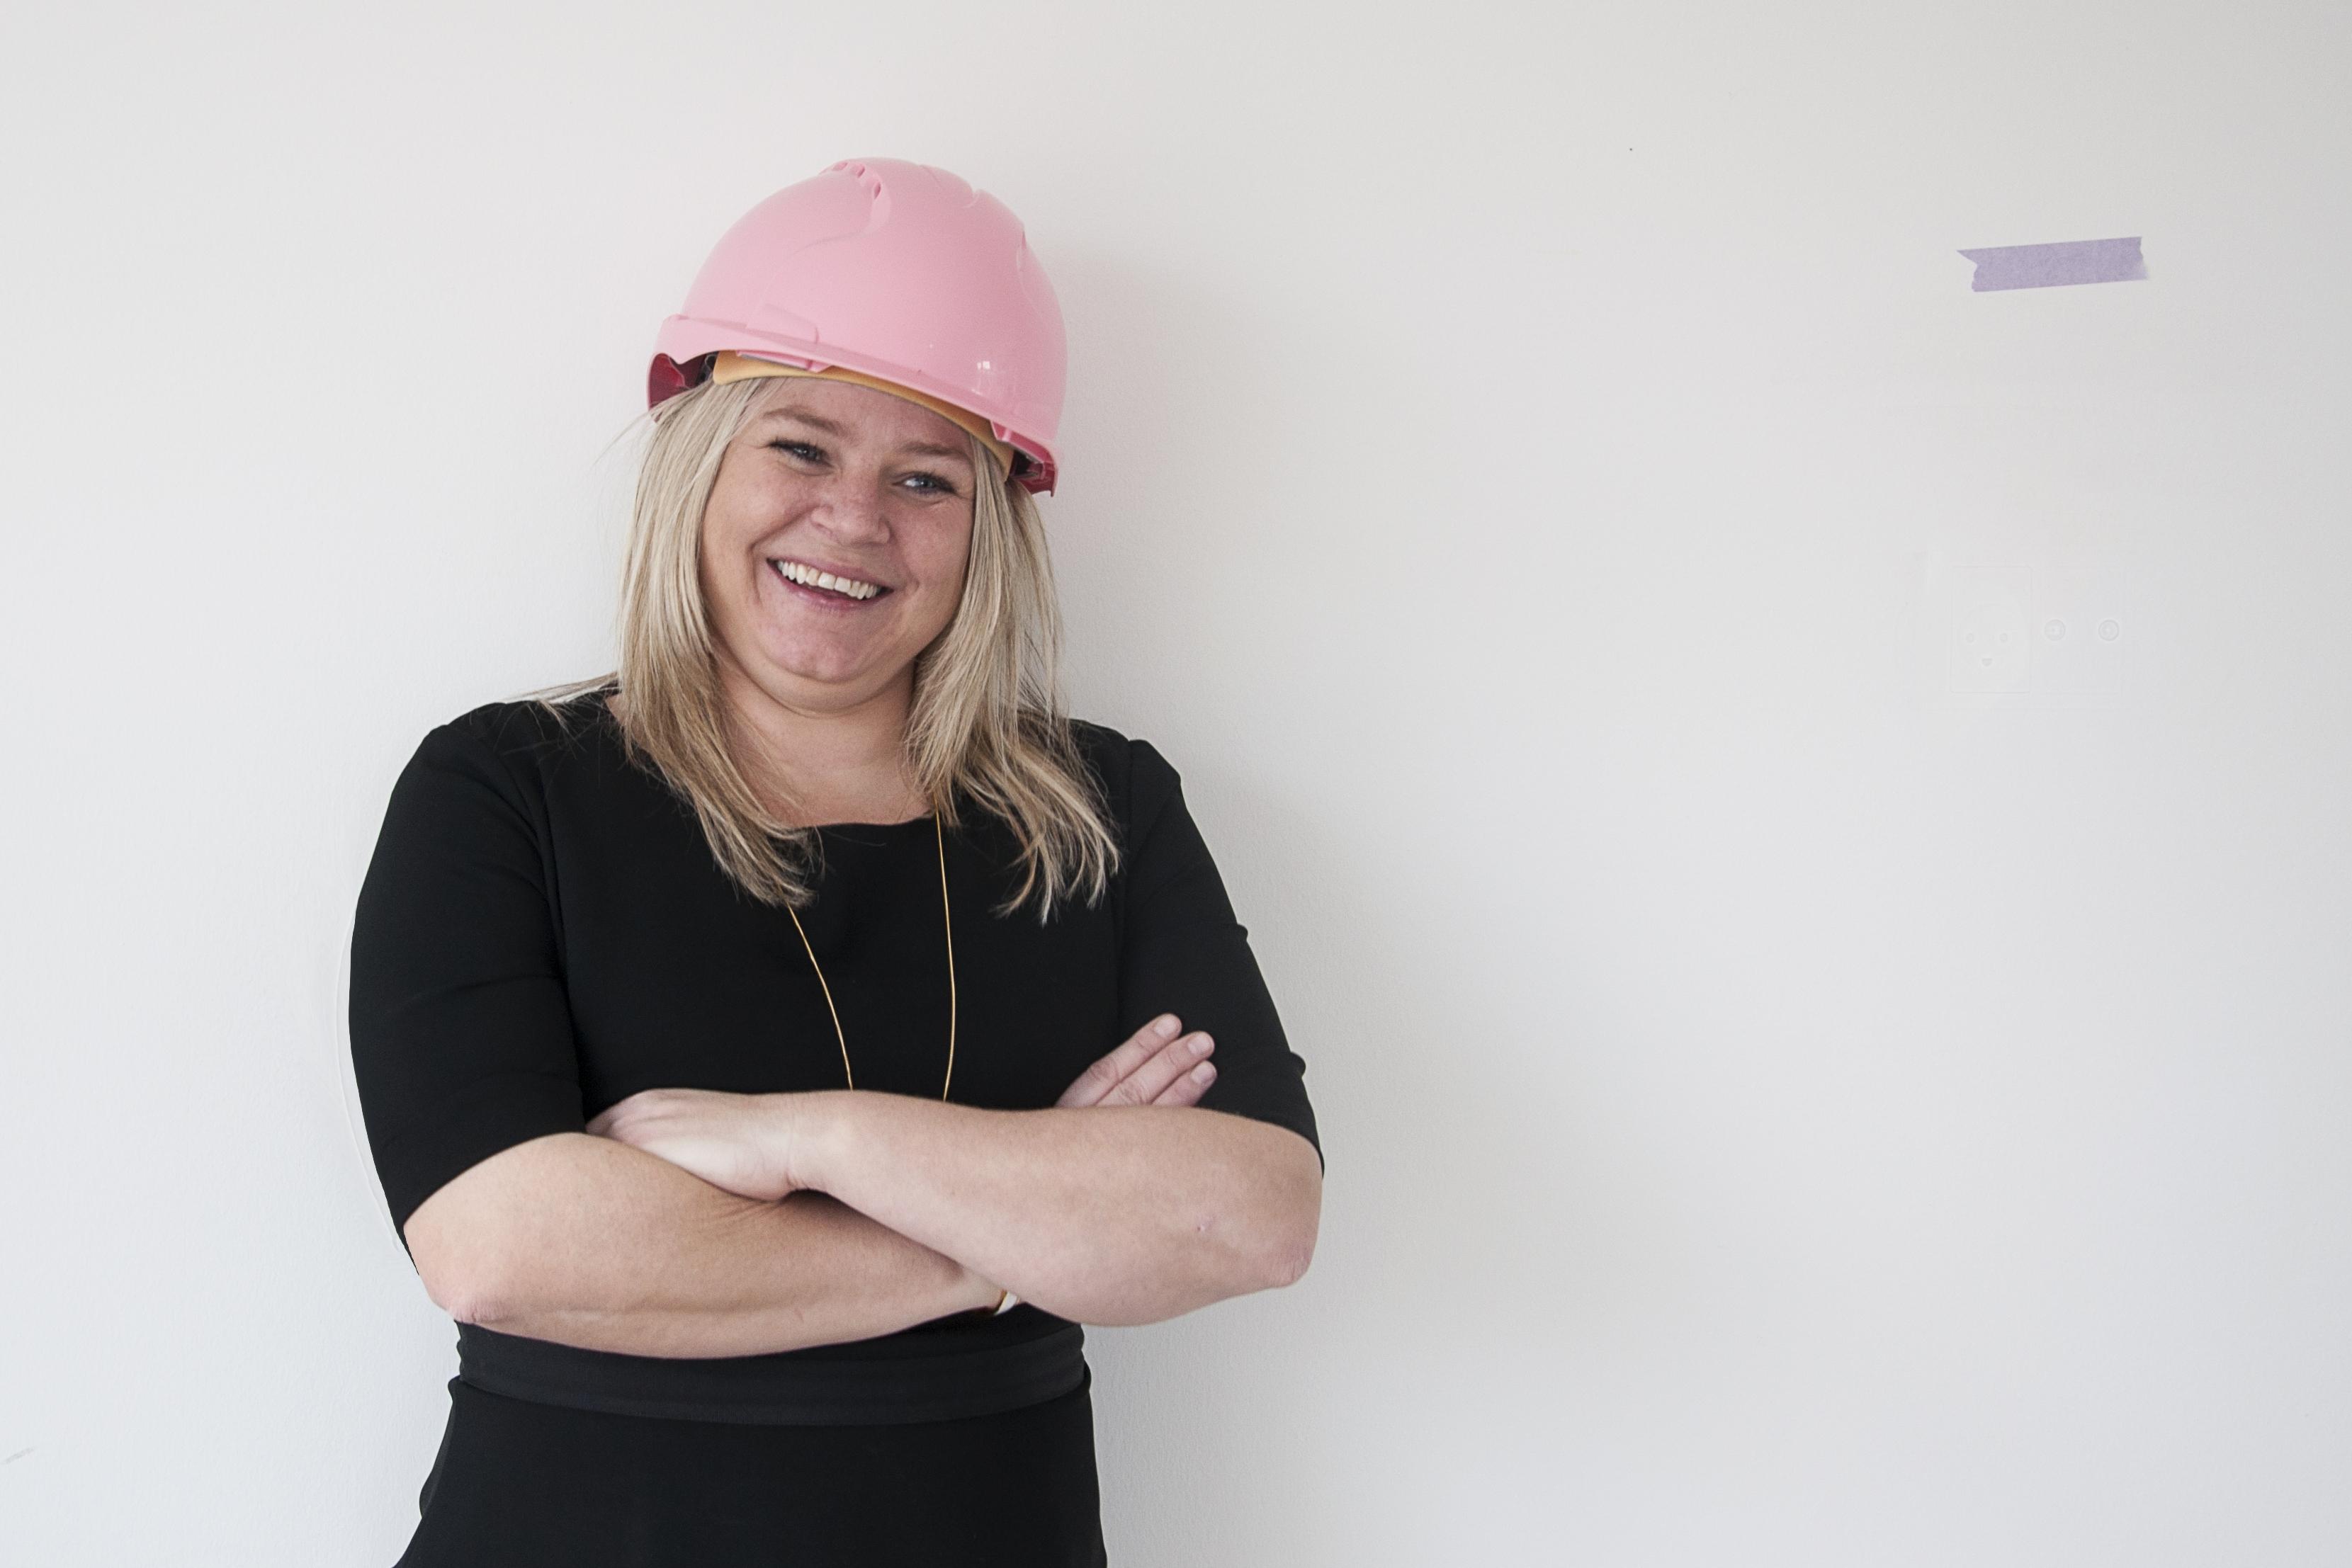 Powerkvinde med lyserød hjelm: Anne Mette står bag mange boliger i Aalborg